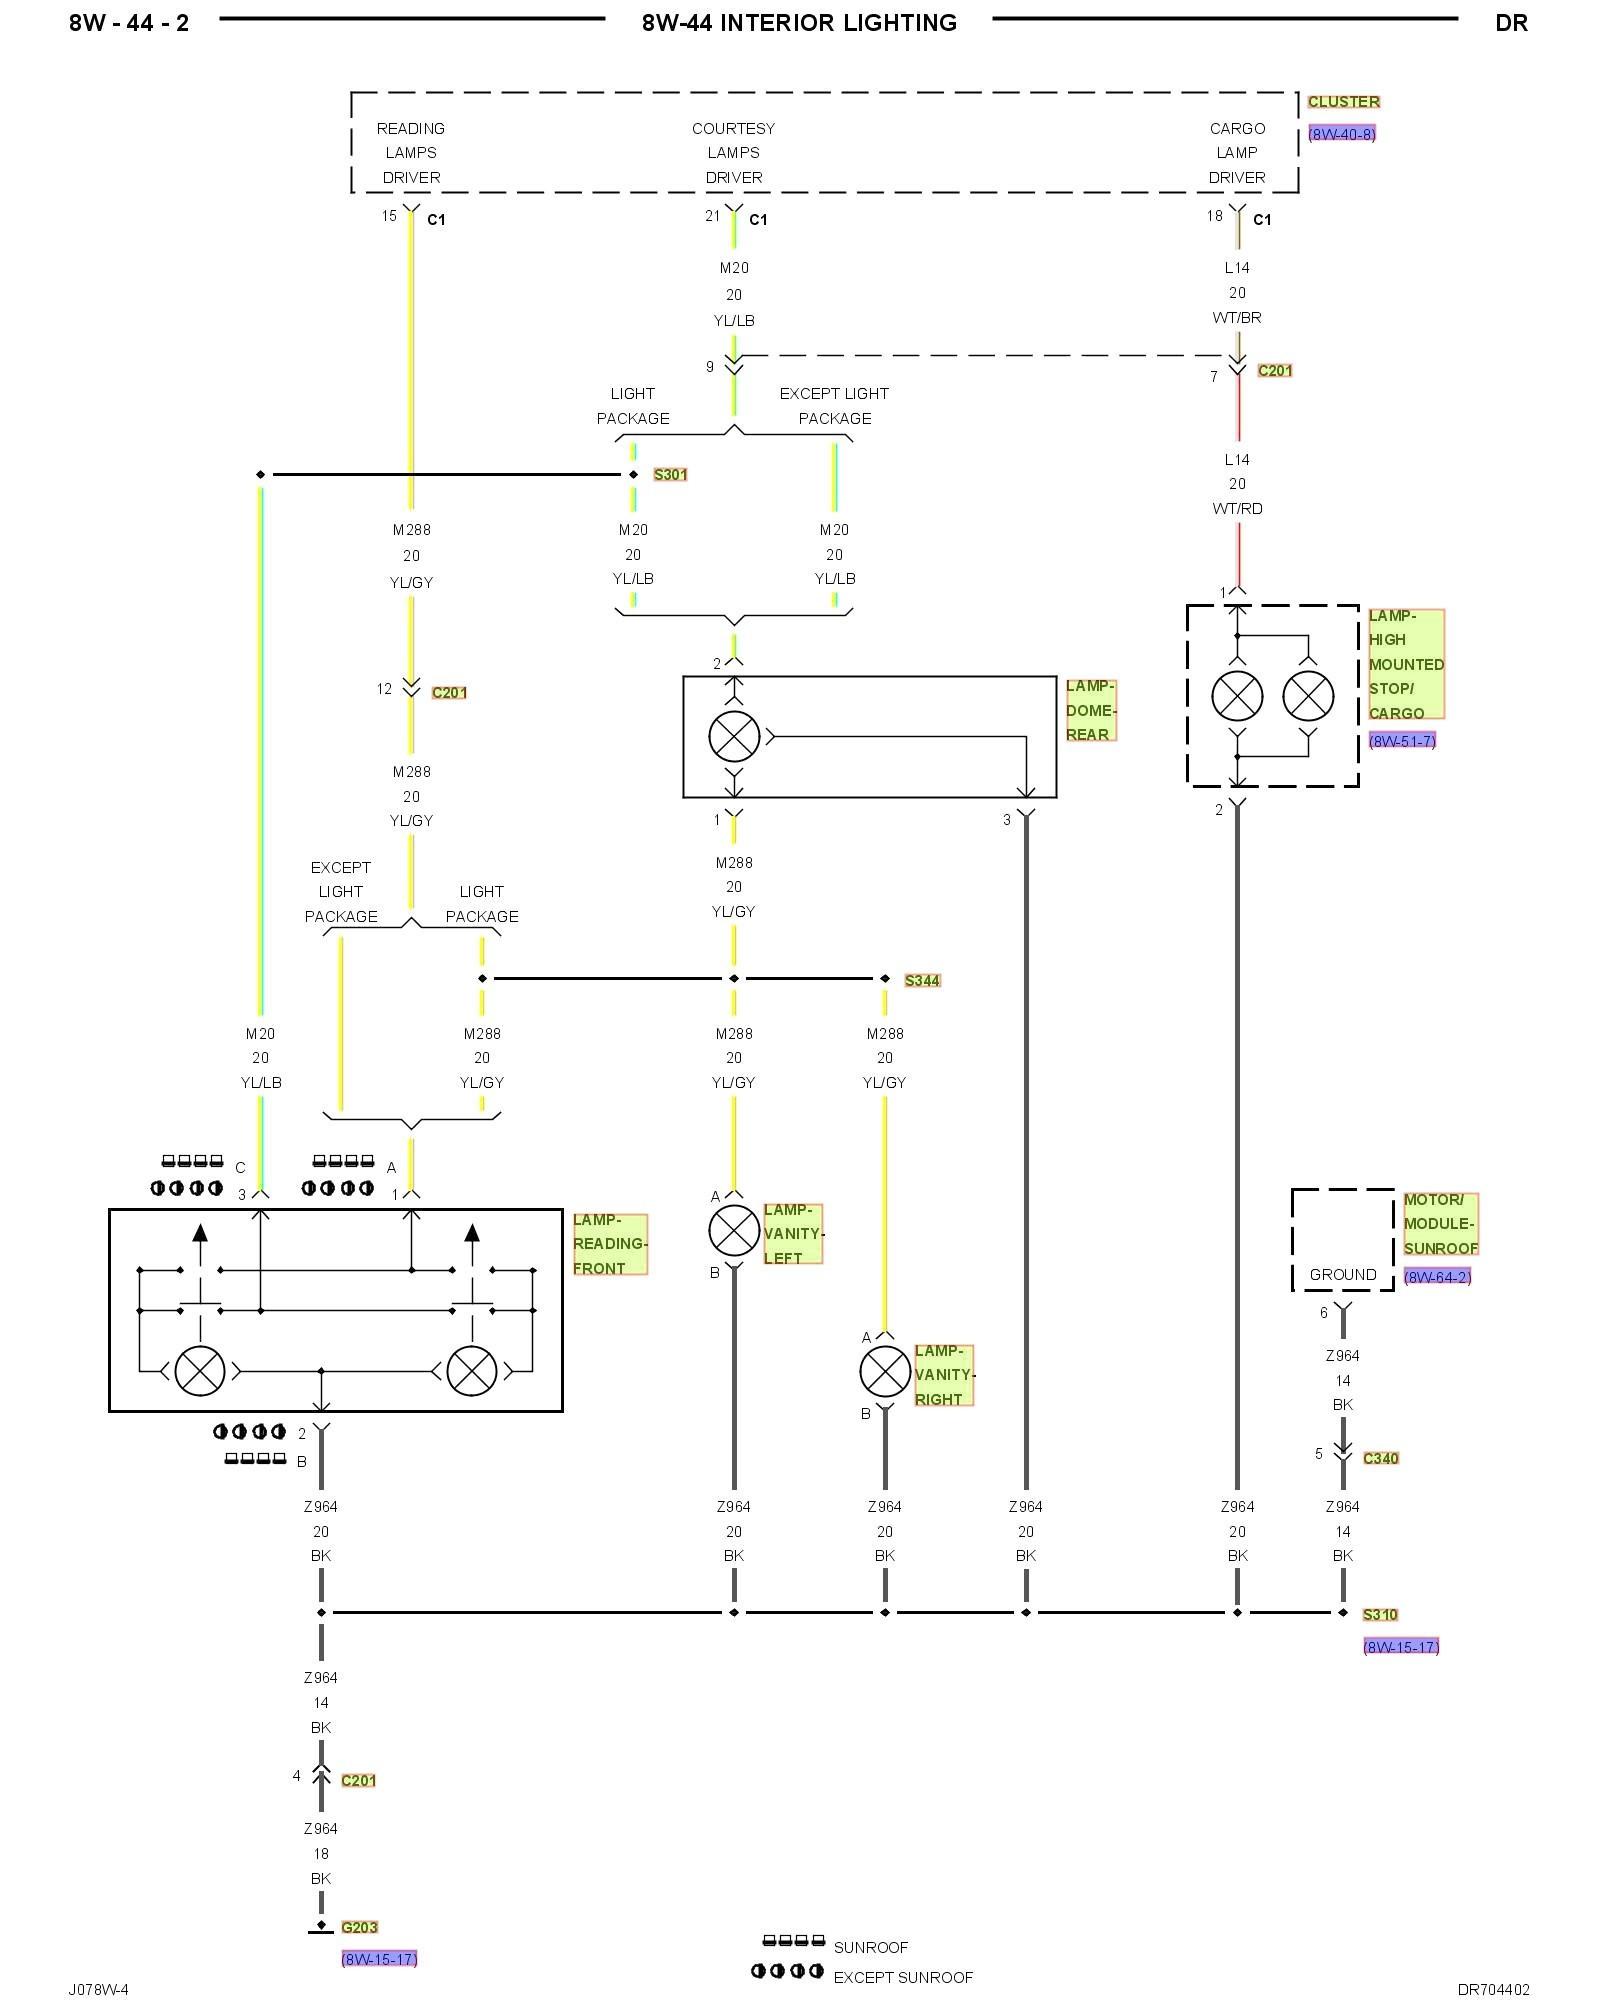 dragon trailer wiring diagram basic electronics wiring diagram